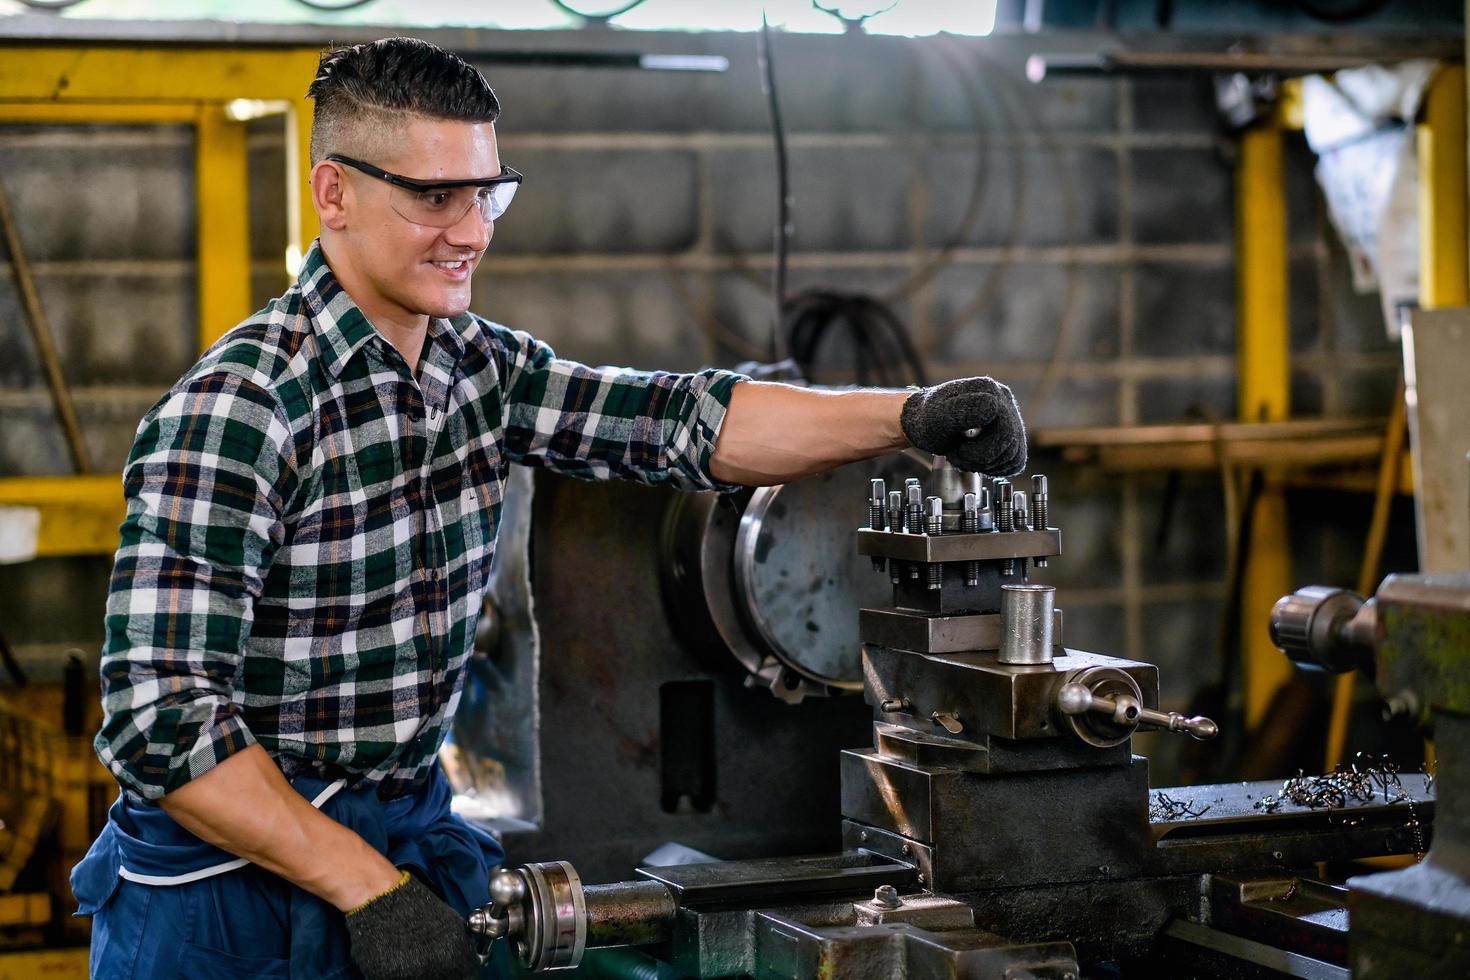 Un ingeniero con gafas protectoras trabaja en una máquina foto